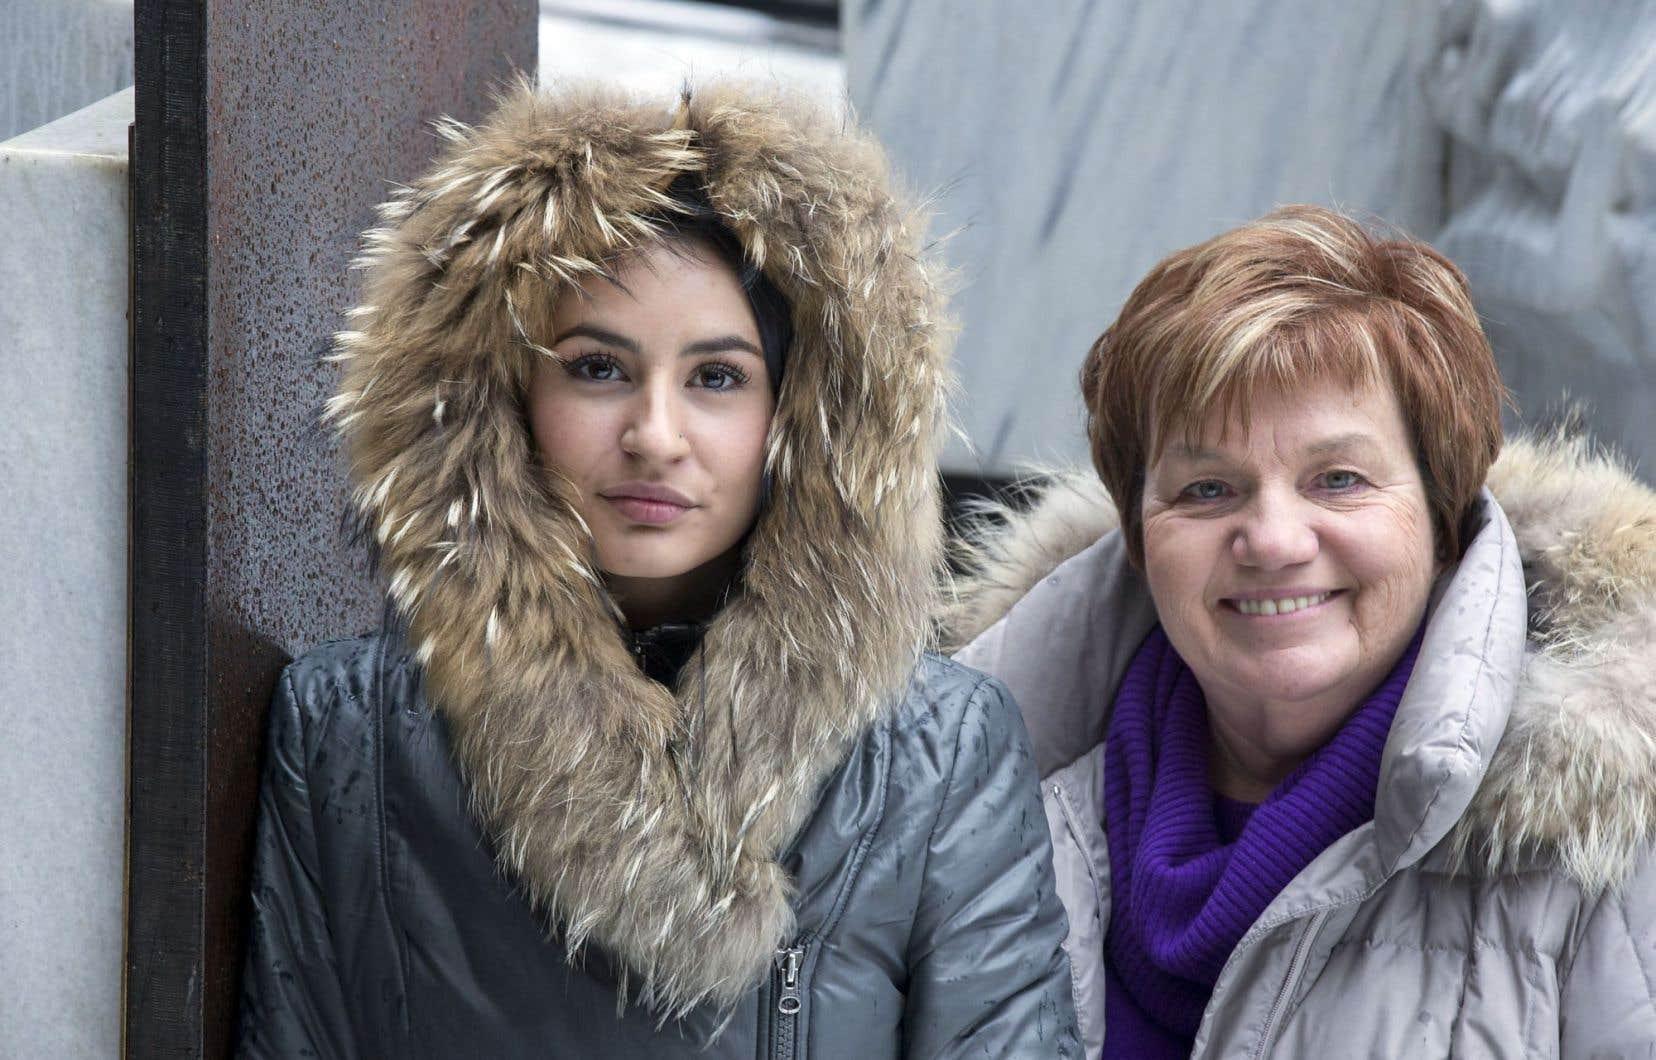 Maïtée Labrecque-Saganash, militante féministe et autochtone, aux côtés de Claudette Carbonneau, la présidente des Organisations unies pour l'indépendance (OUI Québec)